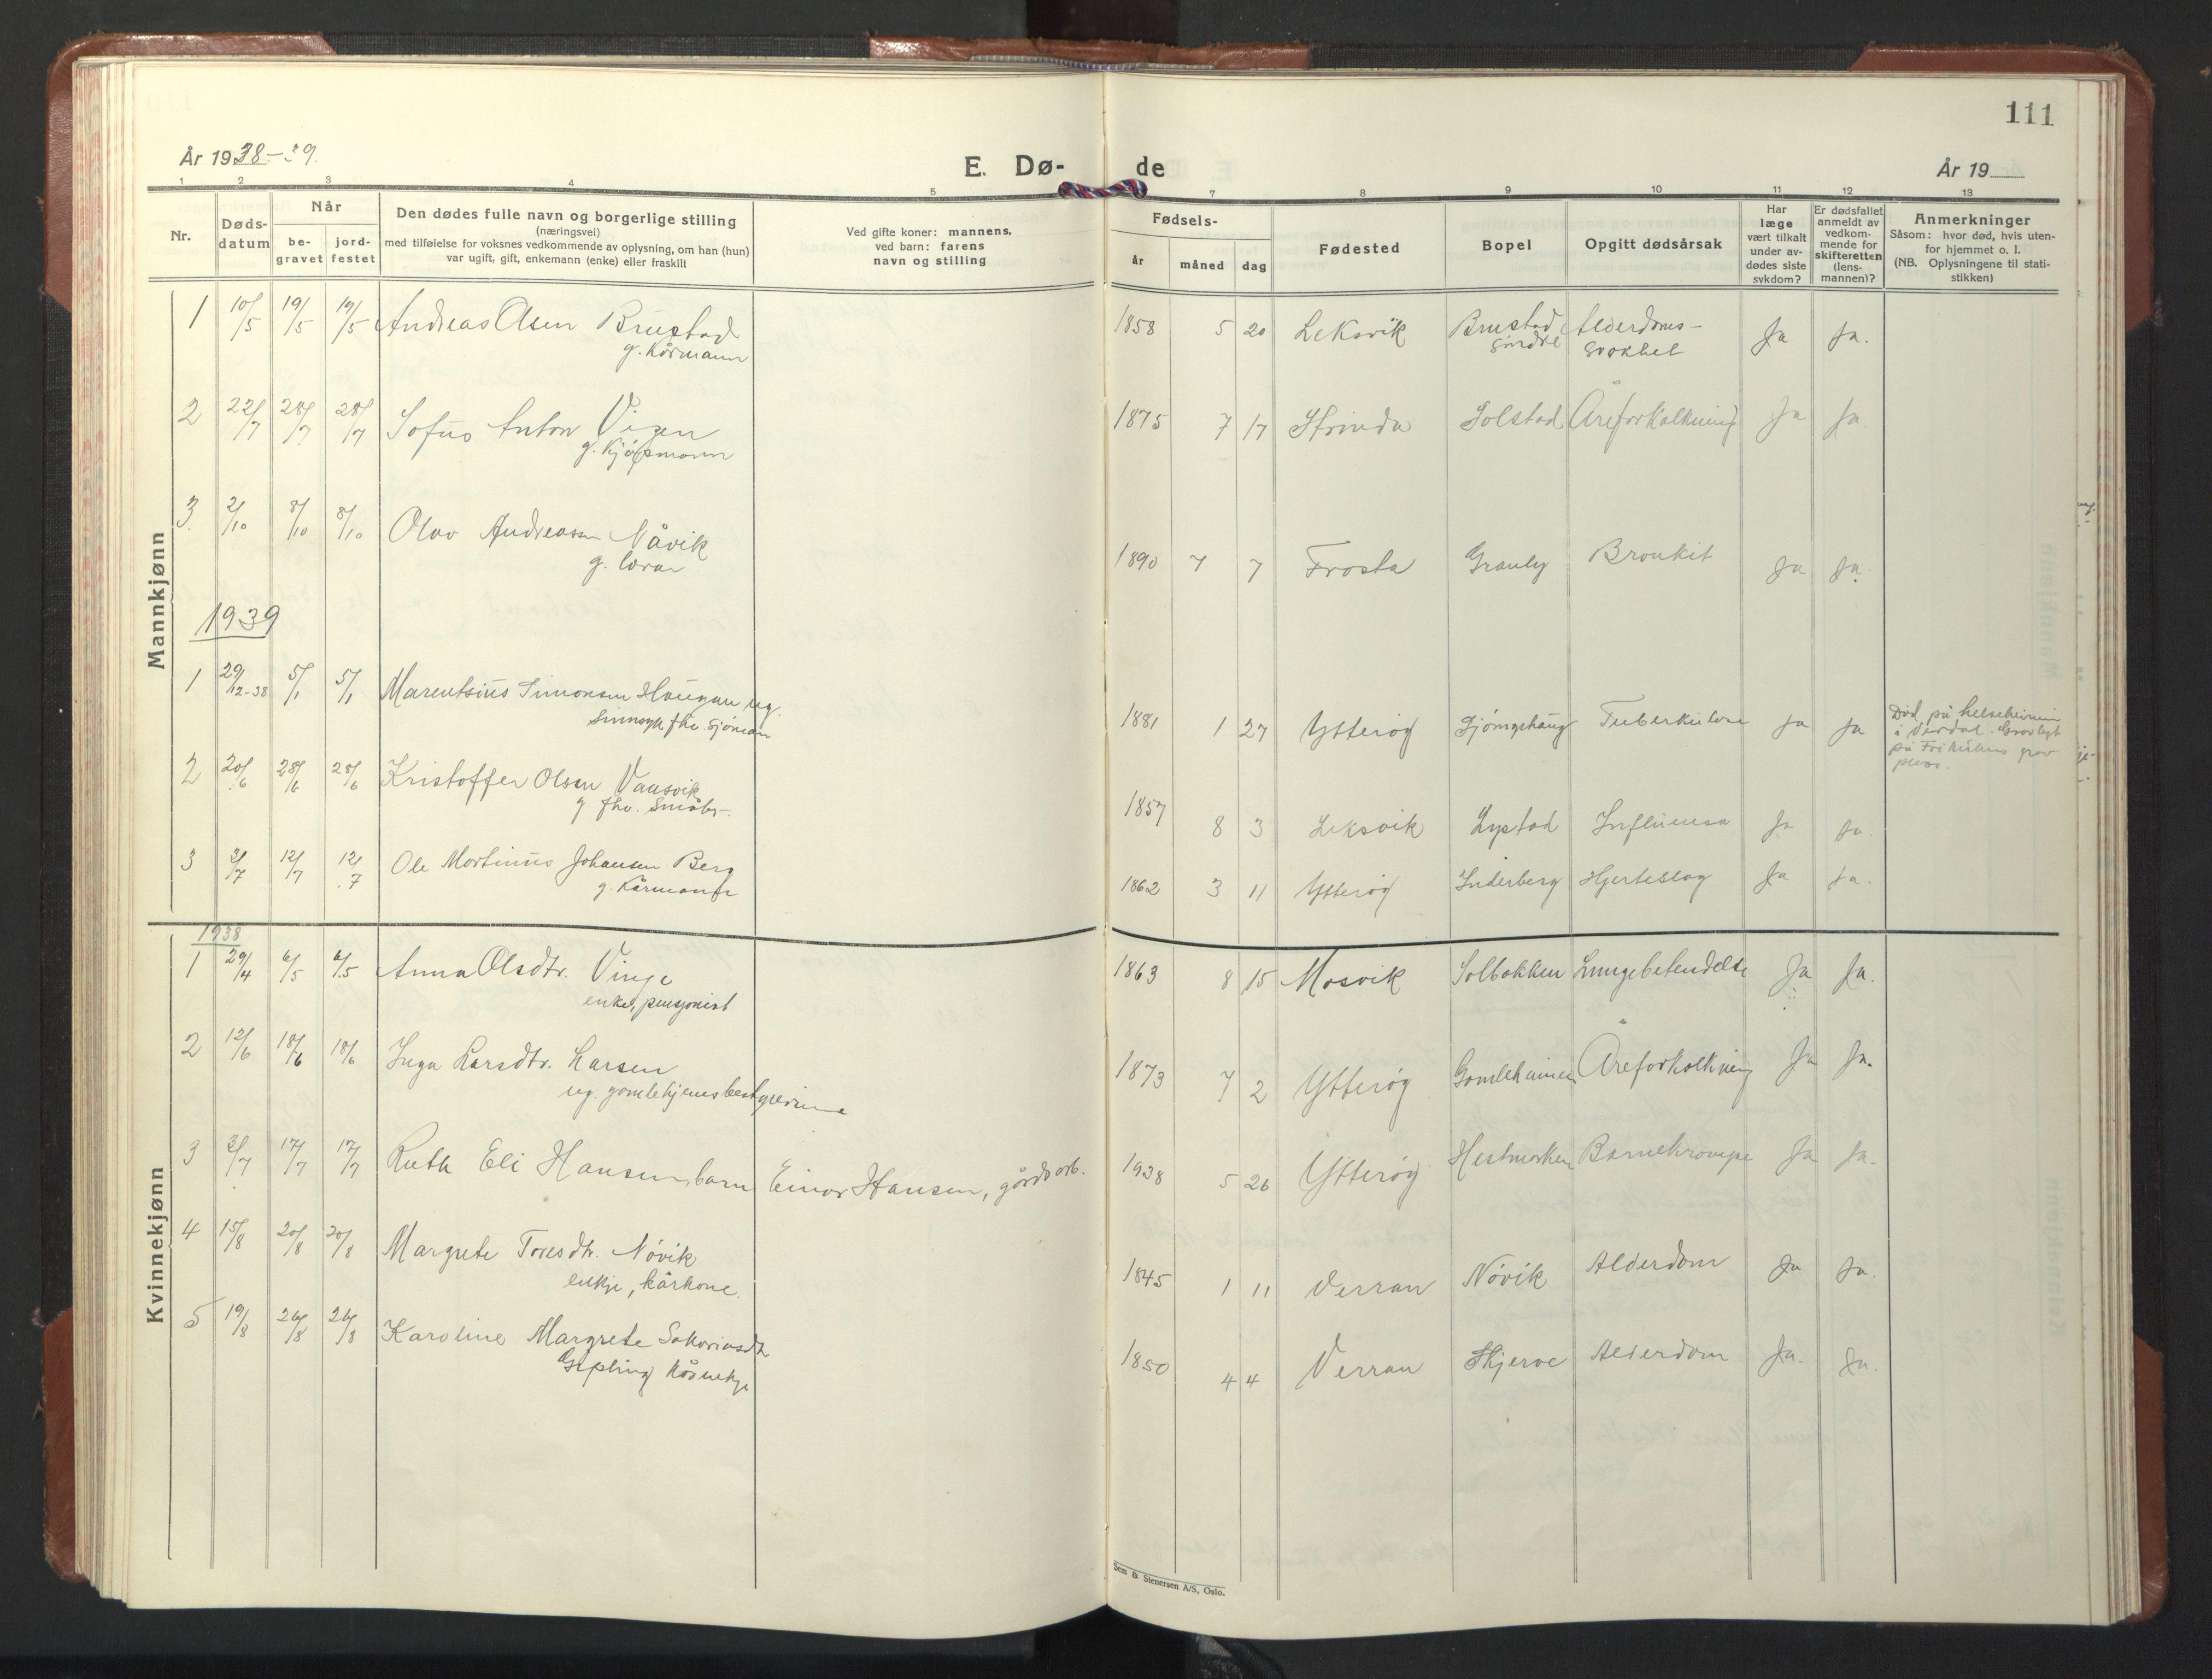 SAT, Ministerialprotokoller, klokkerbøker og fødselsregistre - Nord-Trøndelag, 722/L0227: Klokkerbok nr. 722C03, 1928-1958, s. 111